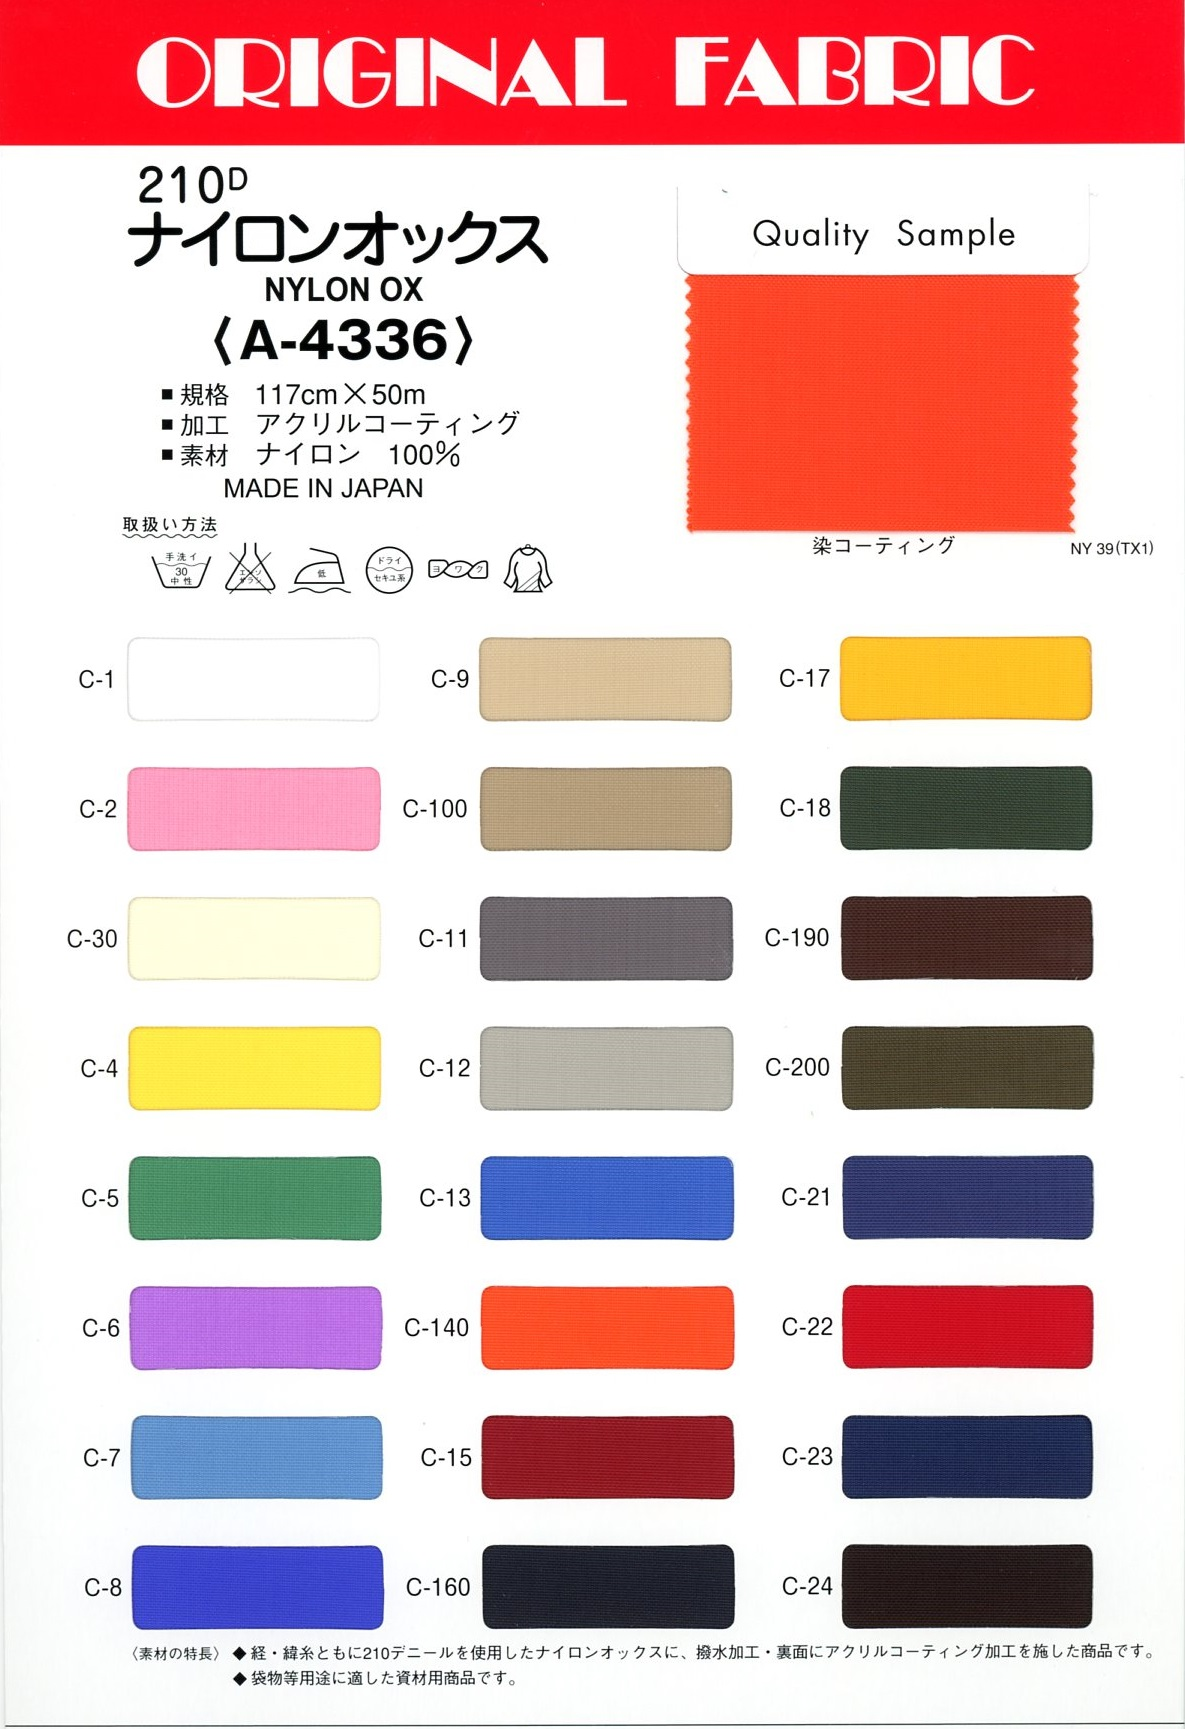 A4336 210D ナイロンオックス[生地] Masuda(マスダ)/オークラ商事 - ApparelX アパレル資材卸通販